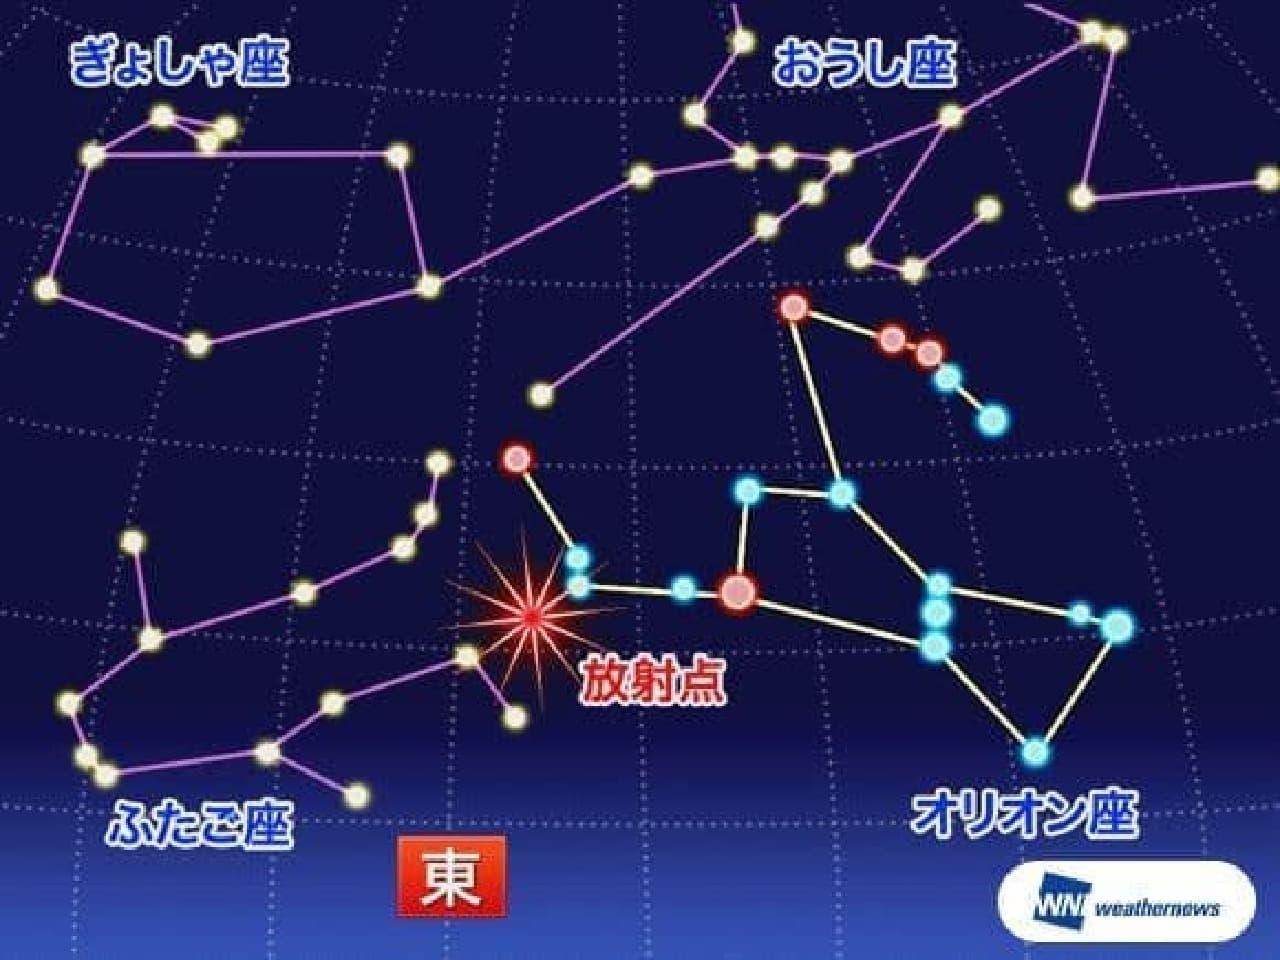 「オリオン座流星群」、10月21日観測ピーク!